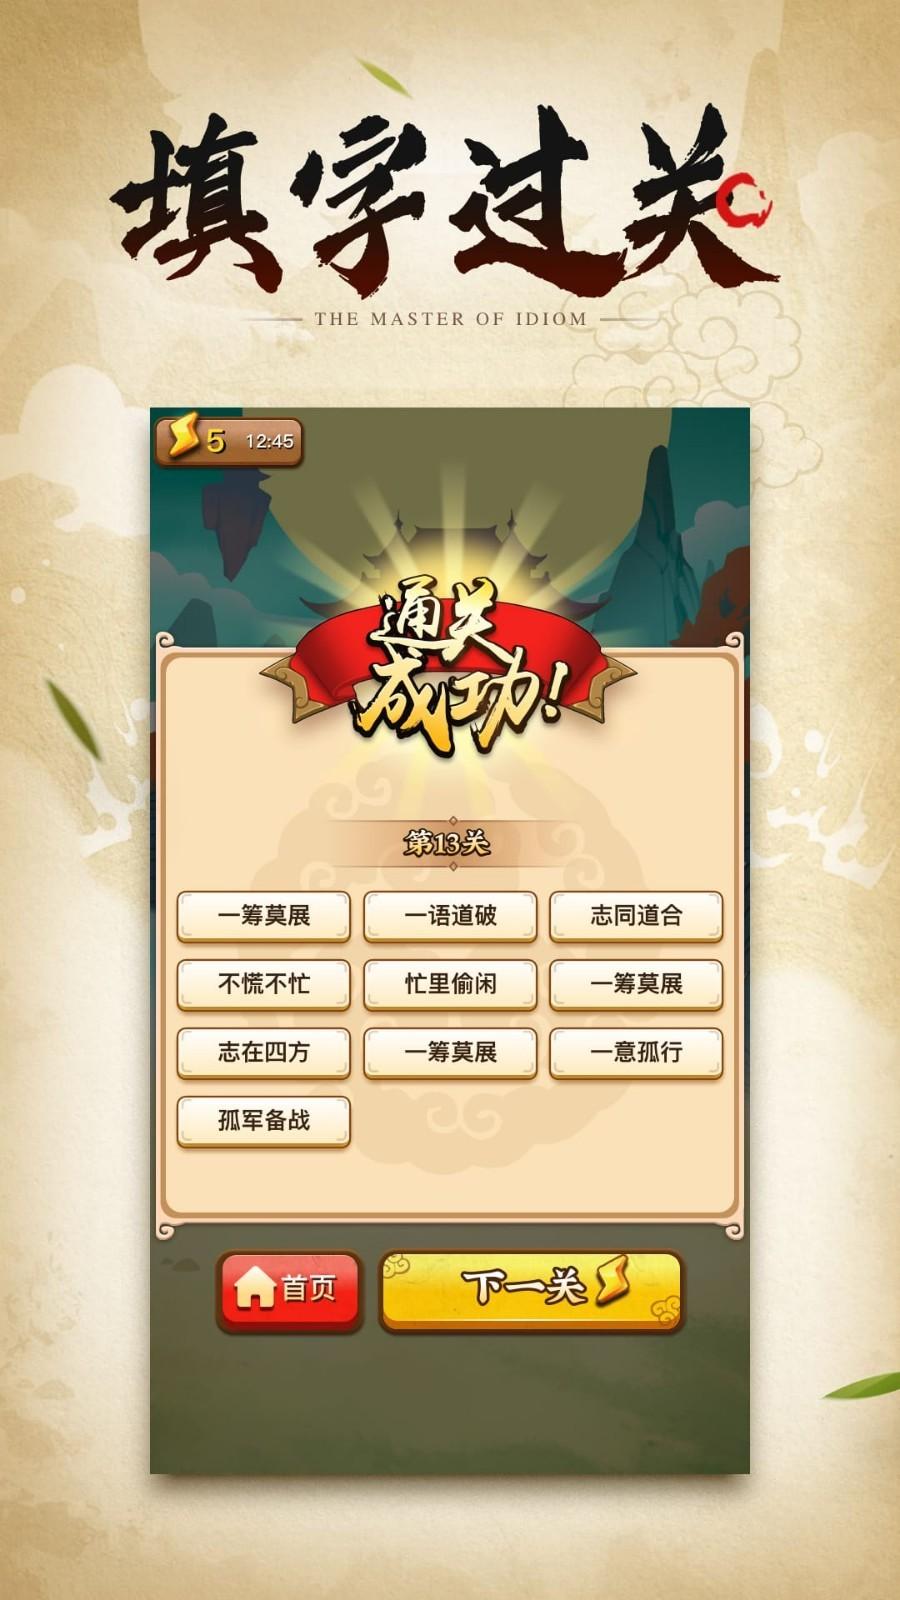 成语大侠qy886千赢国际版截图3